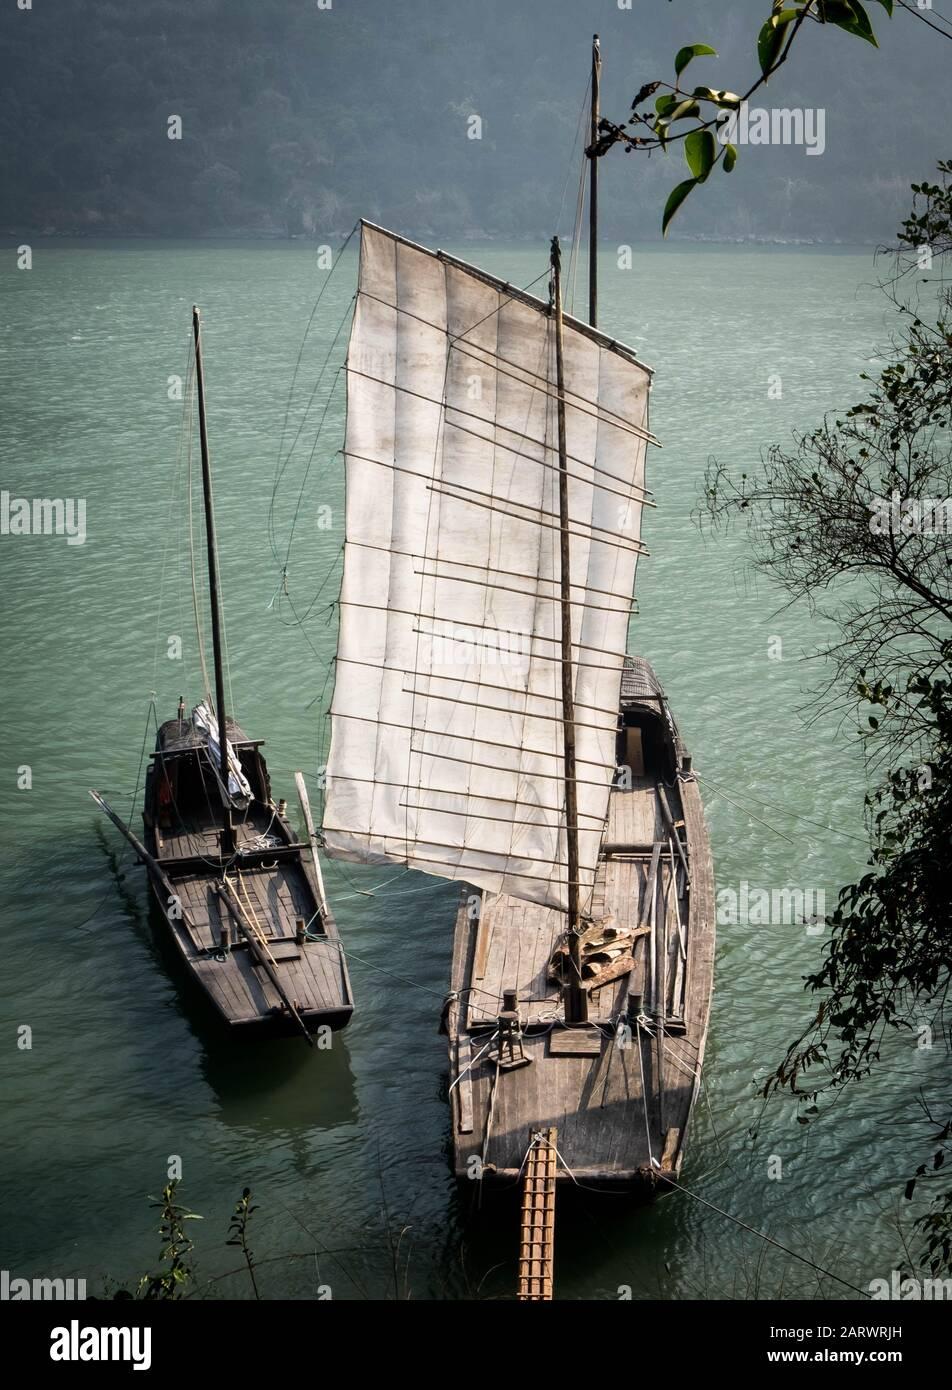 Yichang, HUBEI / CHINA - DEC 25 2019: Barco de vela tradicional de pescadores chinos en el río Yangtze para el viajero junto con las tres gargantas del área Foto de stock